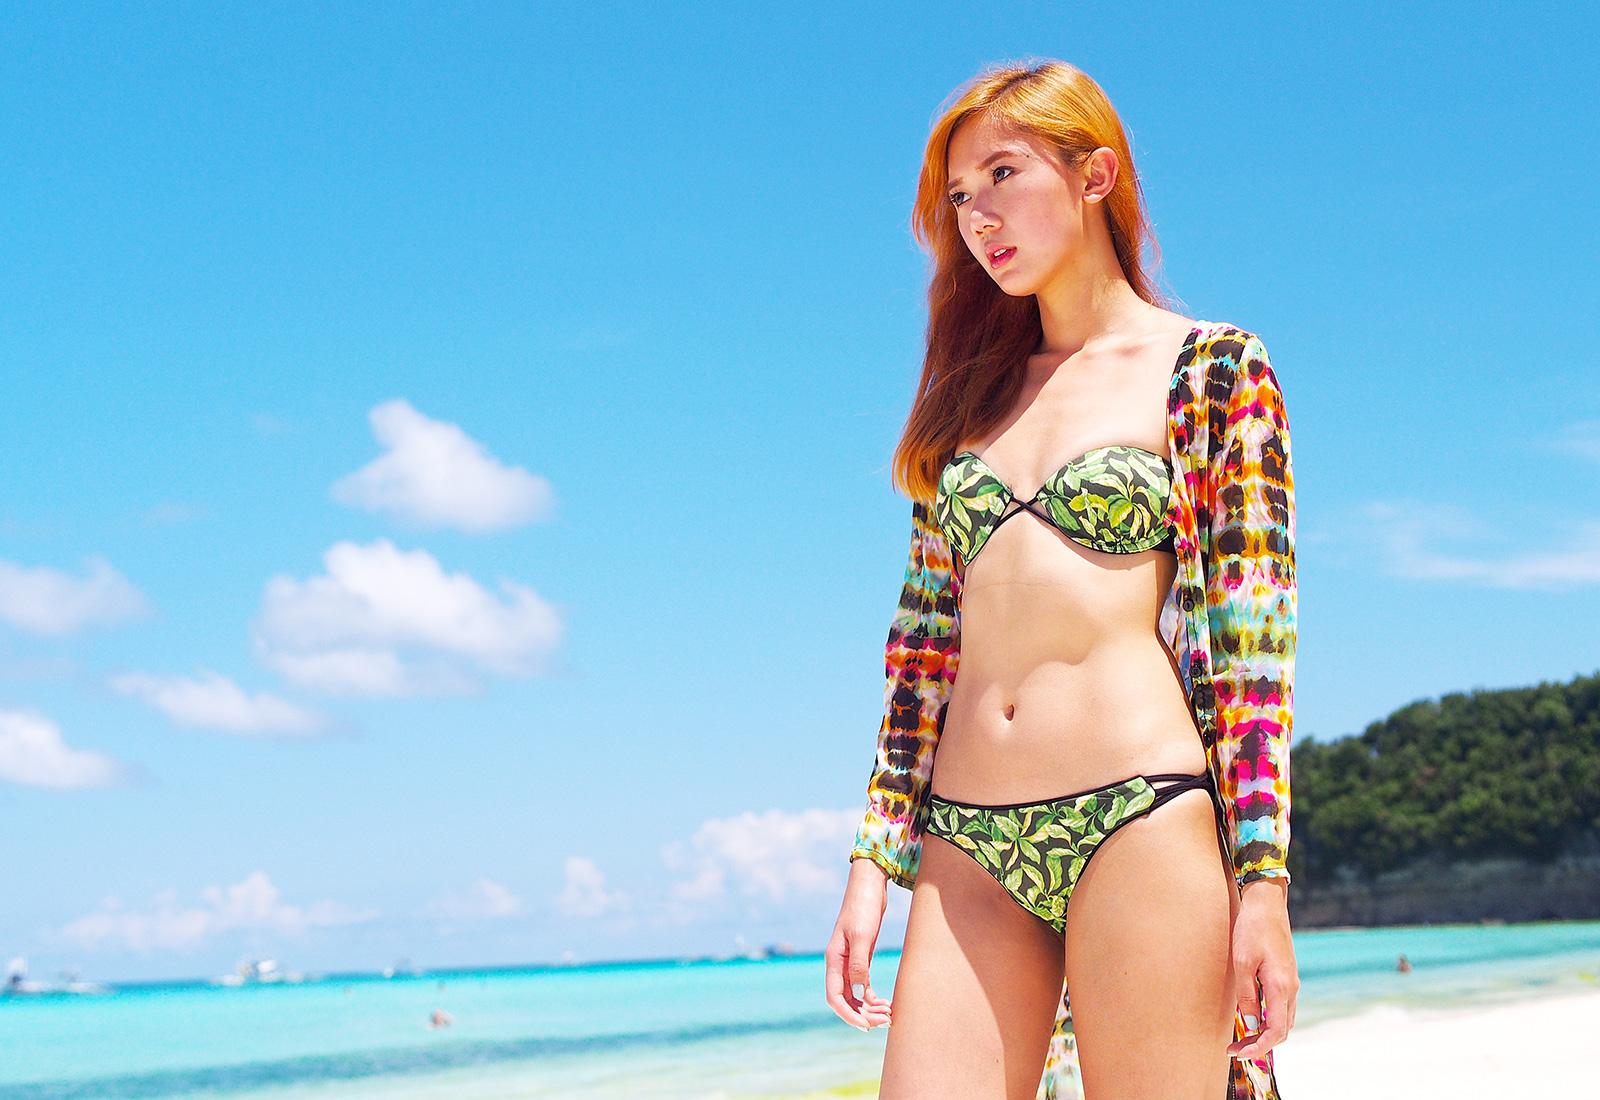 Bikini dare georgina have hit